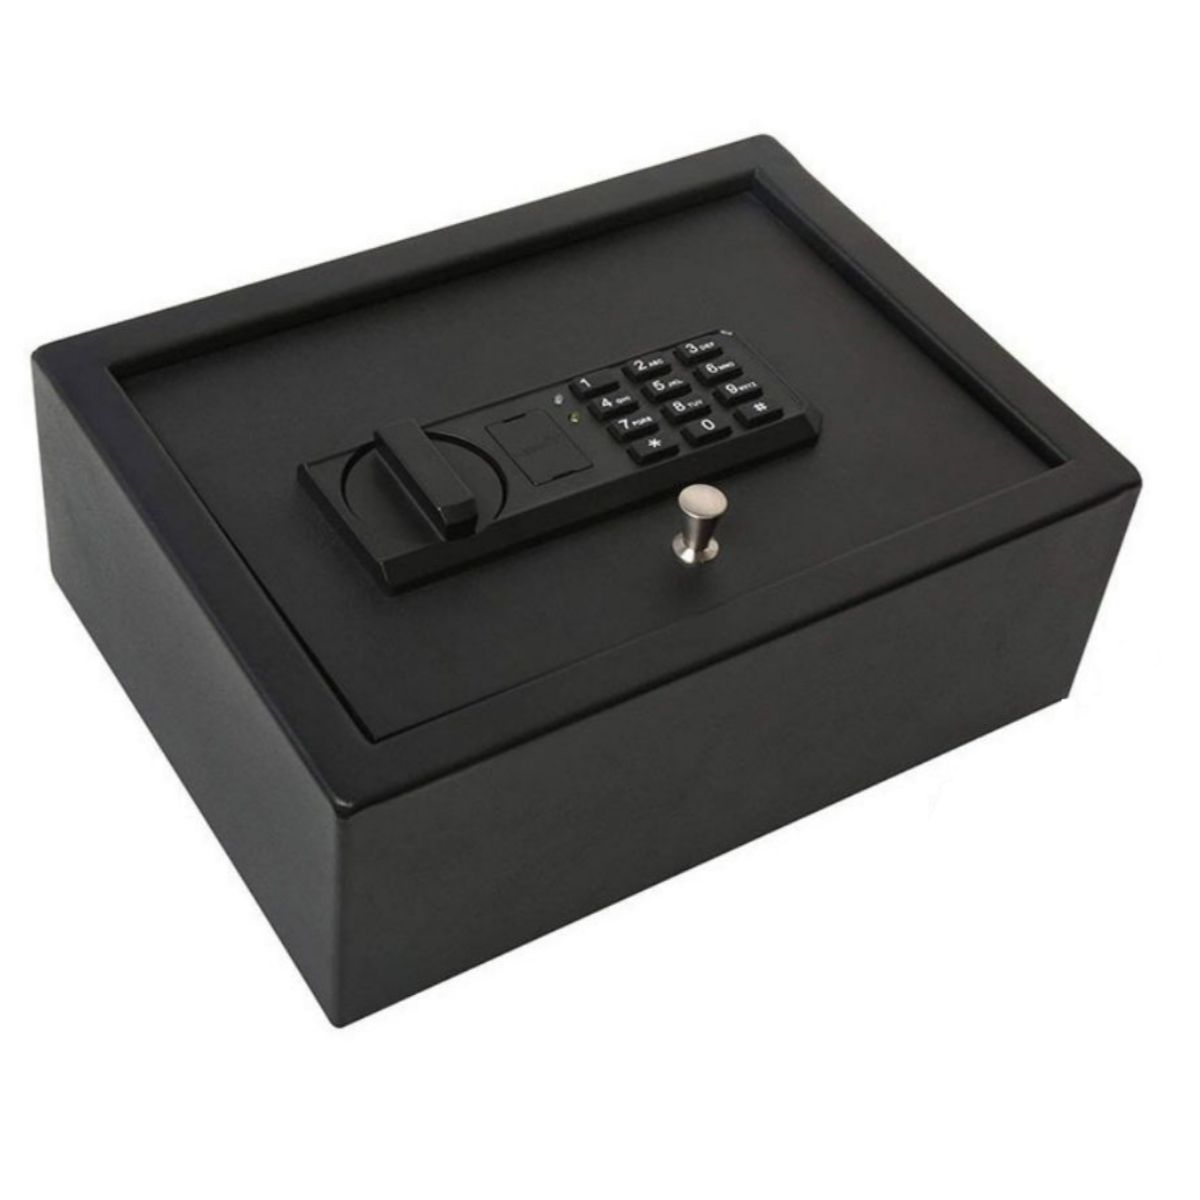 Kit Cofre Digital De Gaveta Com Senha Blindado Porta Dólar Primícias Ou Arma De Fogo 2 Chaves De Emergência Segurança - Ivation IVA01